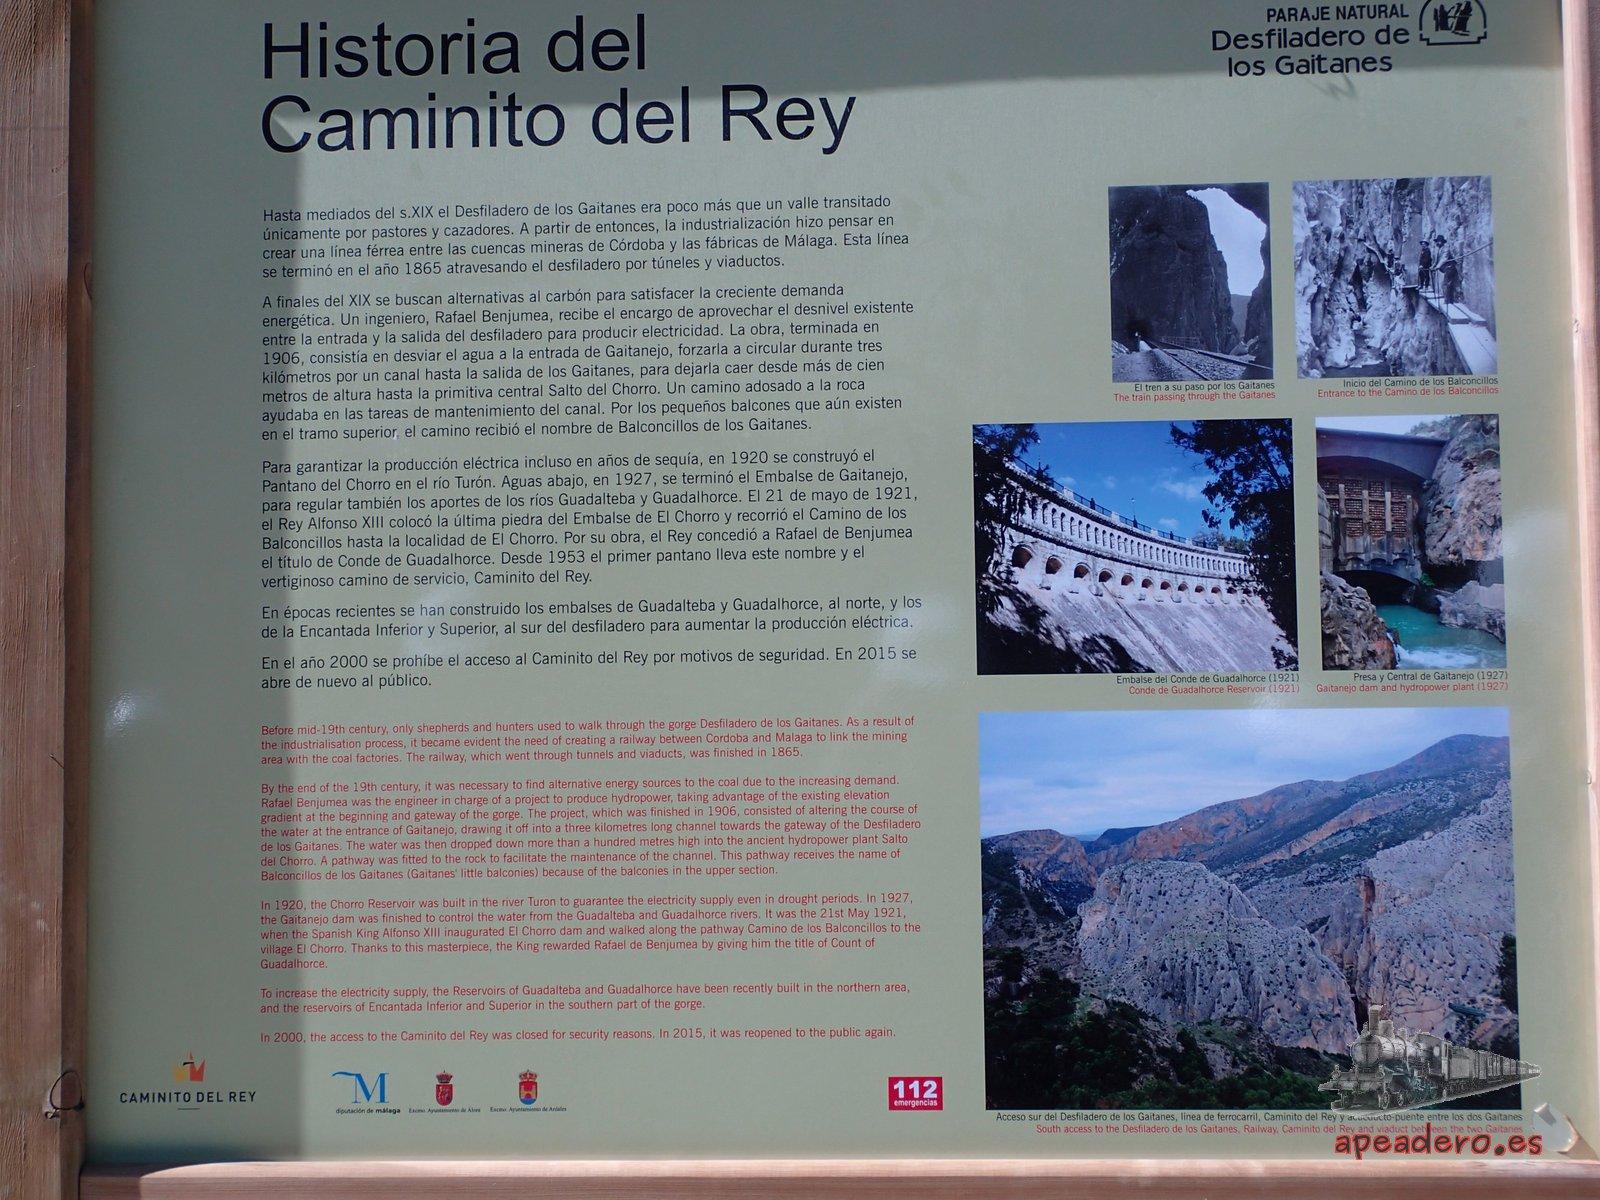 Panel de informacion en El Caminito del Rey